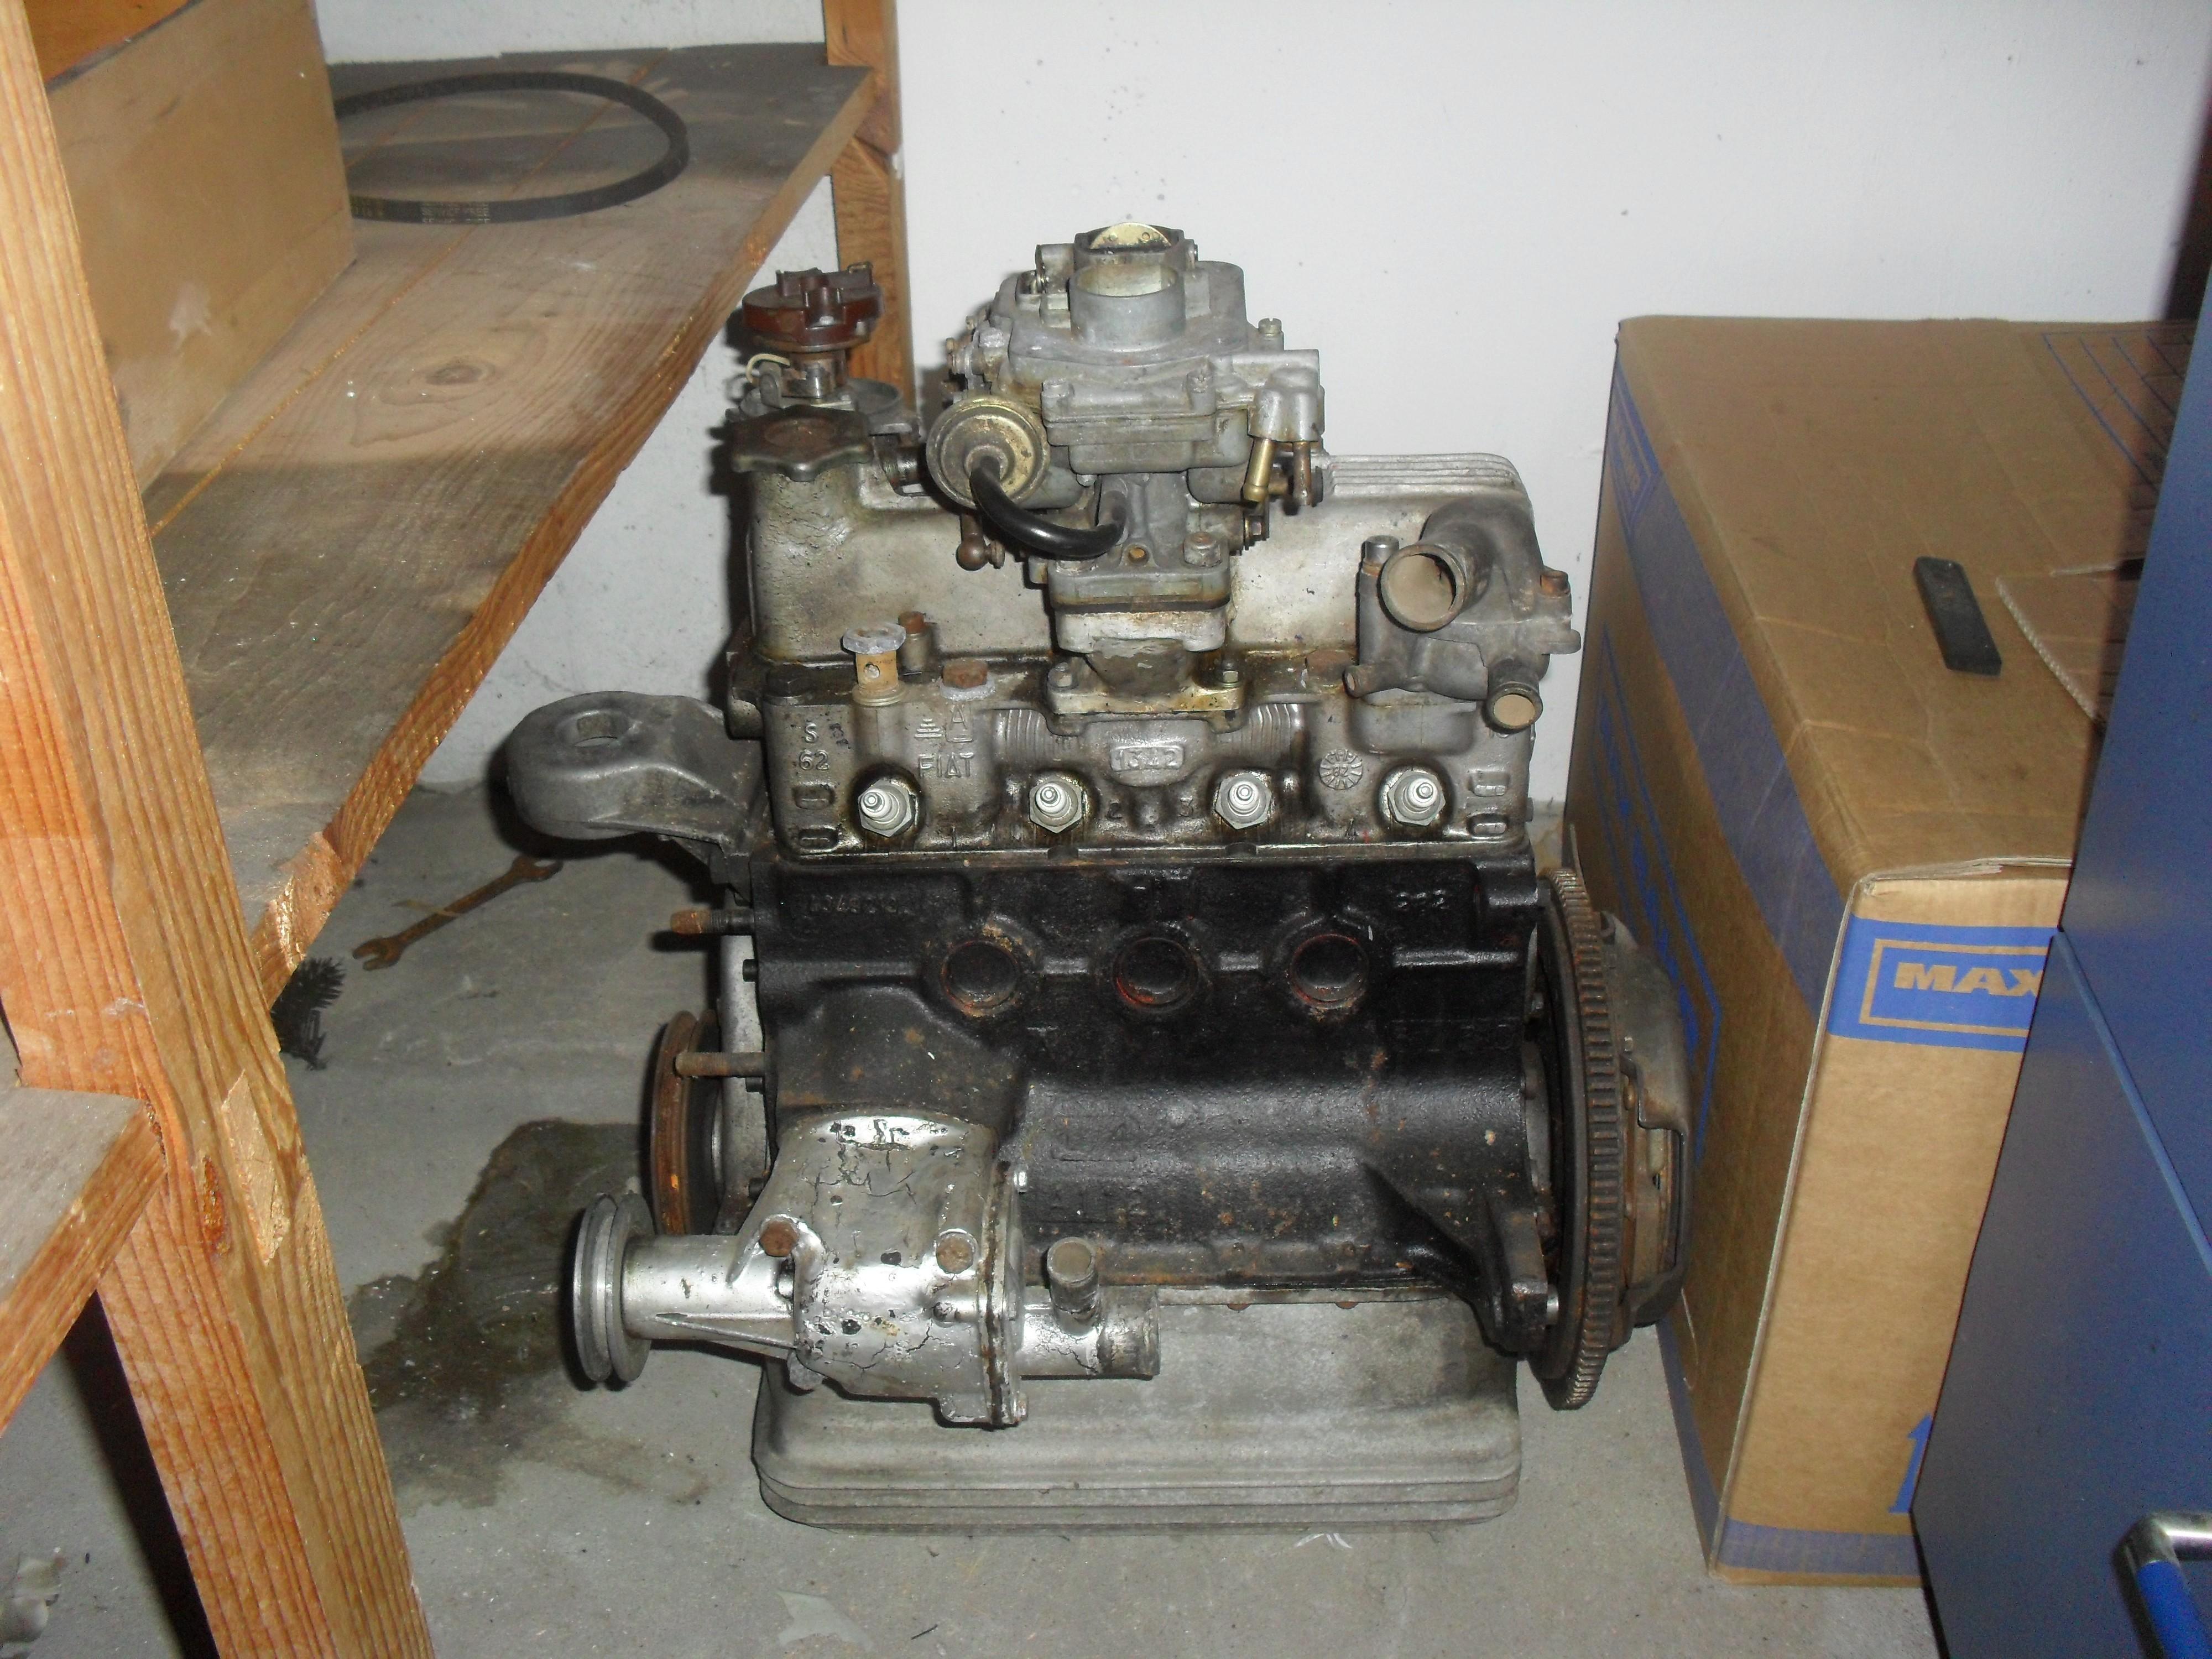 Alten Abarth-Automotor gefunden - lohnt ein Verkauf? (Seite 2 ...